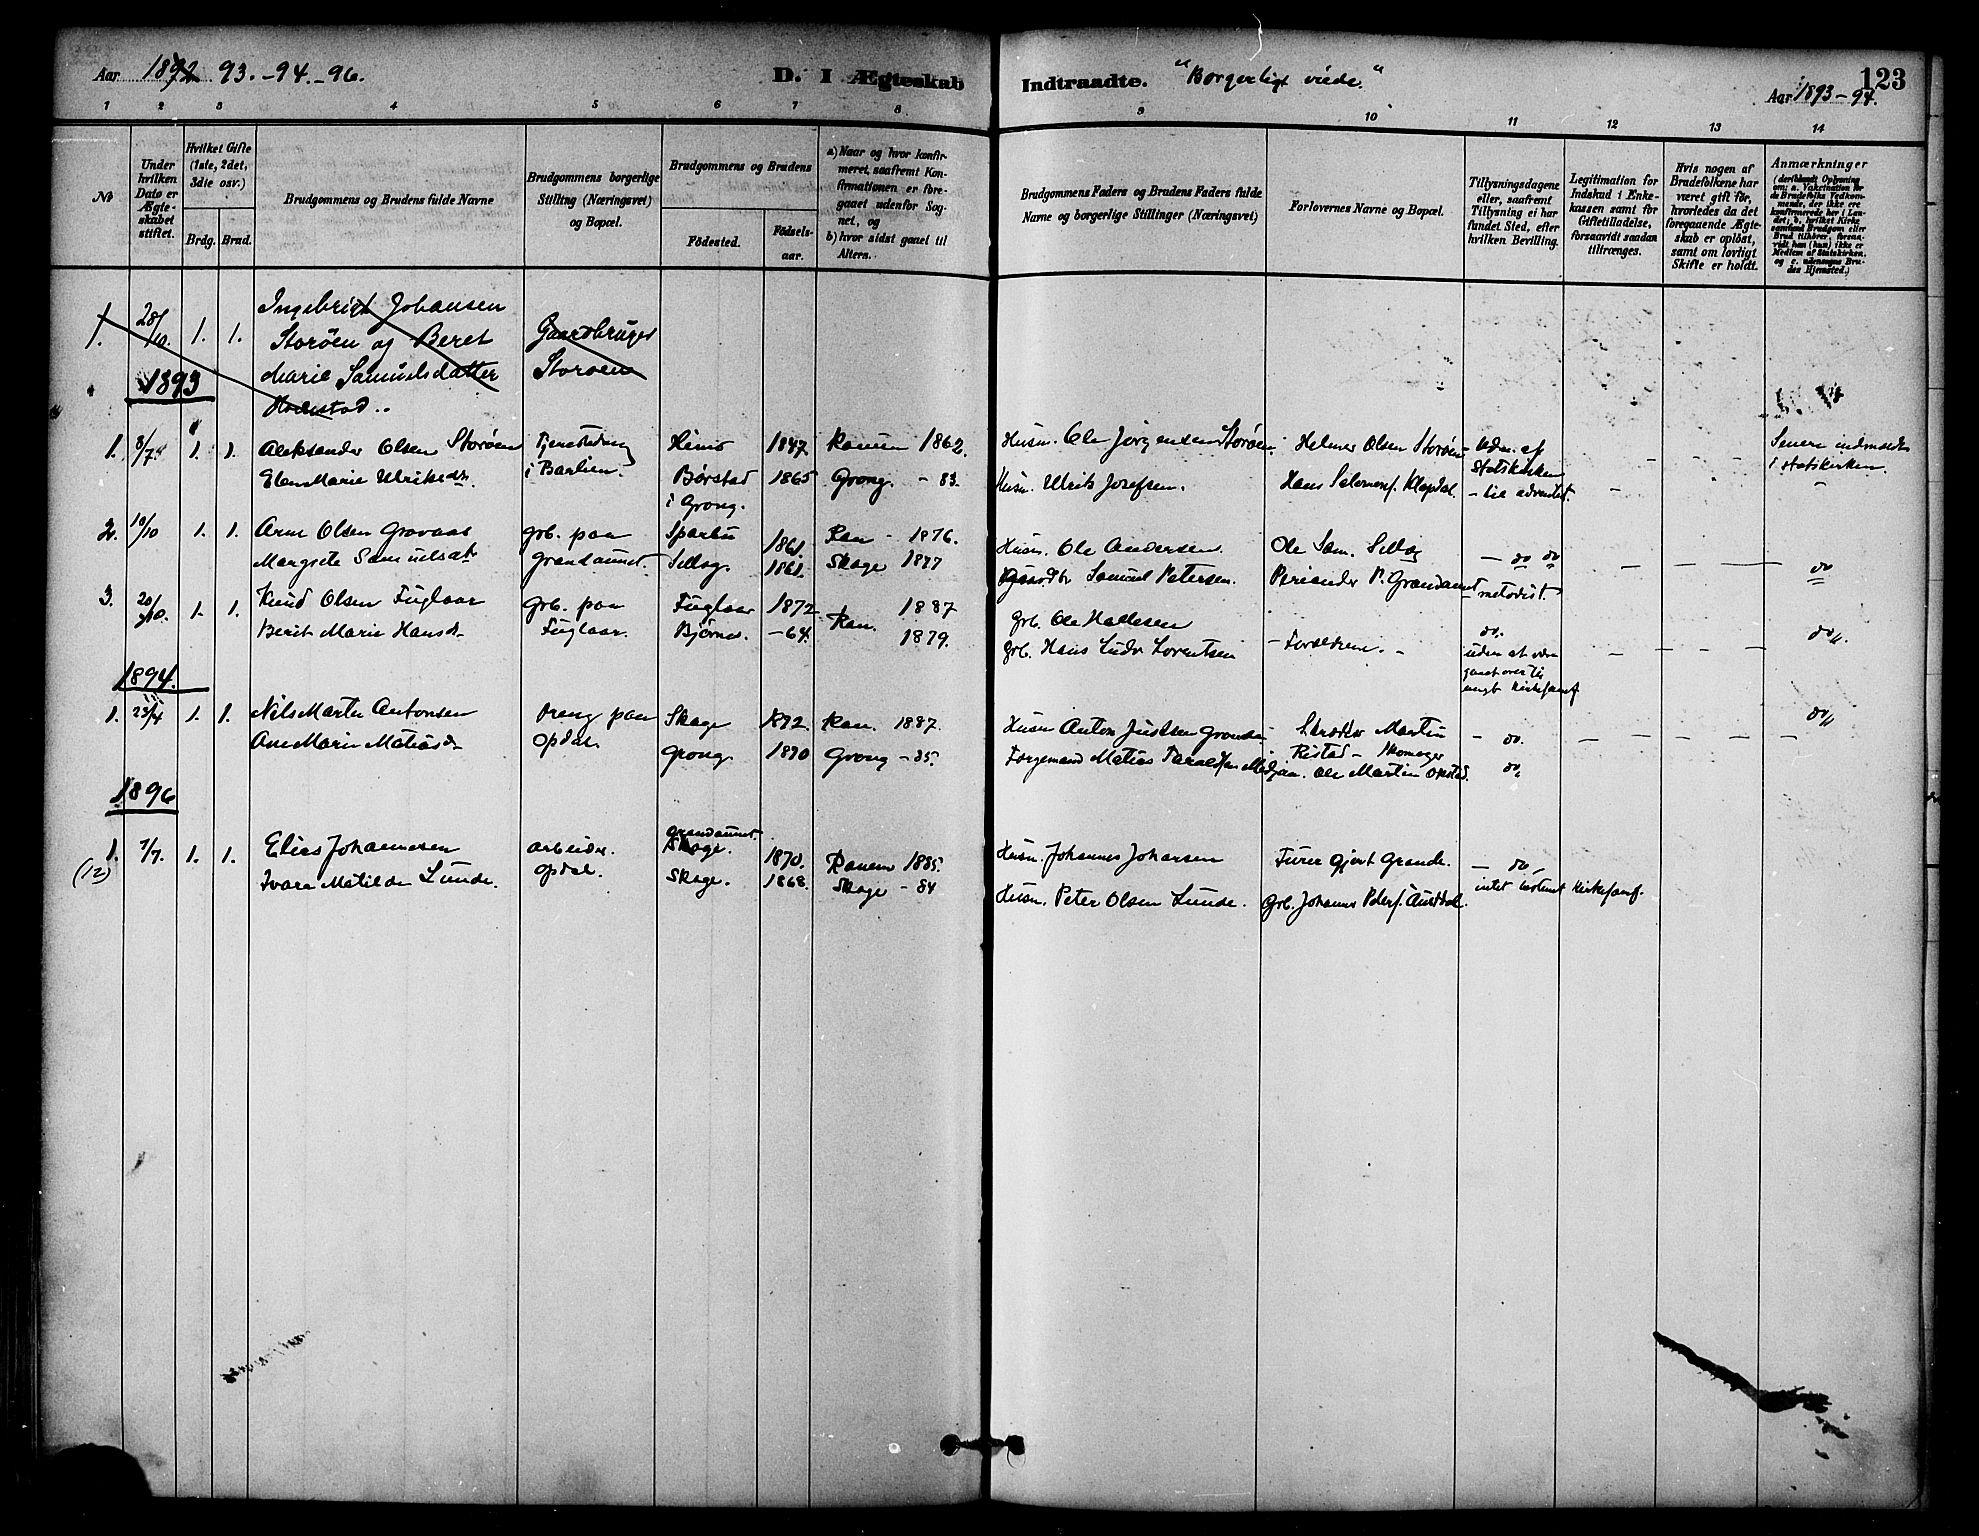 SAT, Ministerialprotokoller, klokkerbøker og fødselsregistre - Nord-Trøndelag, 764/L0555: Ministerialbok nr. 764A10, 1881-1896, s. 123